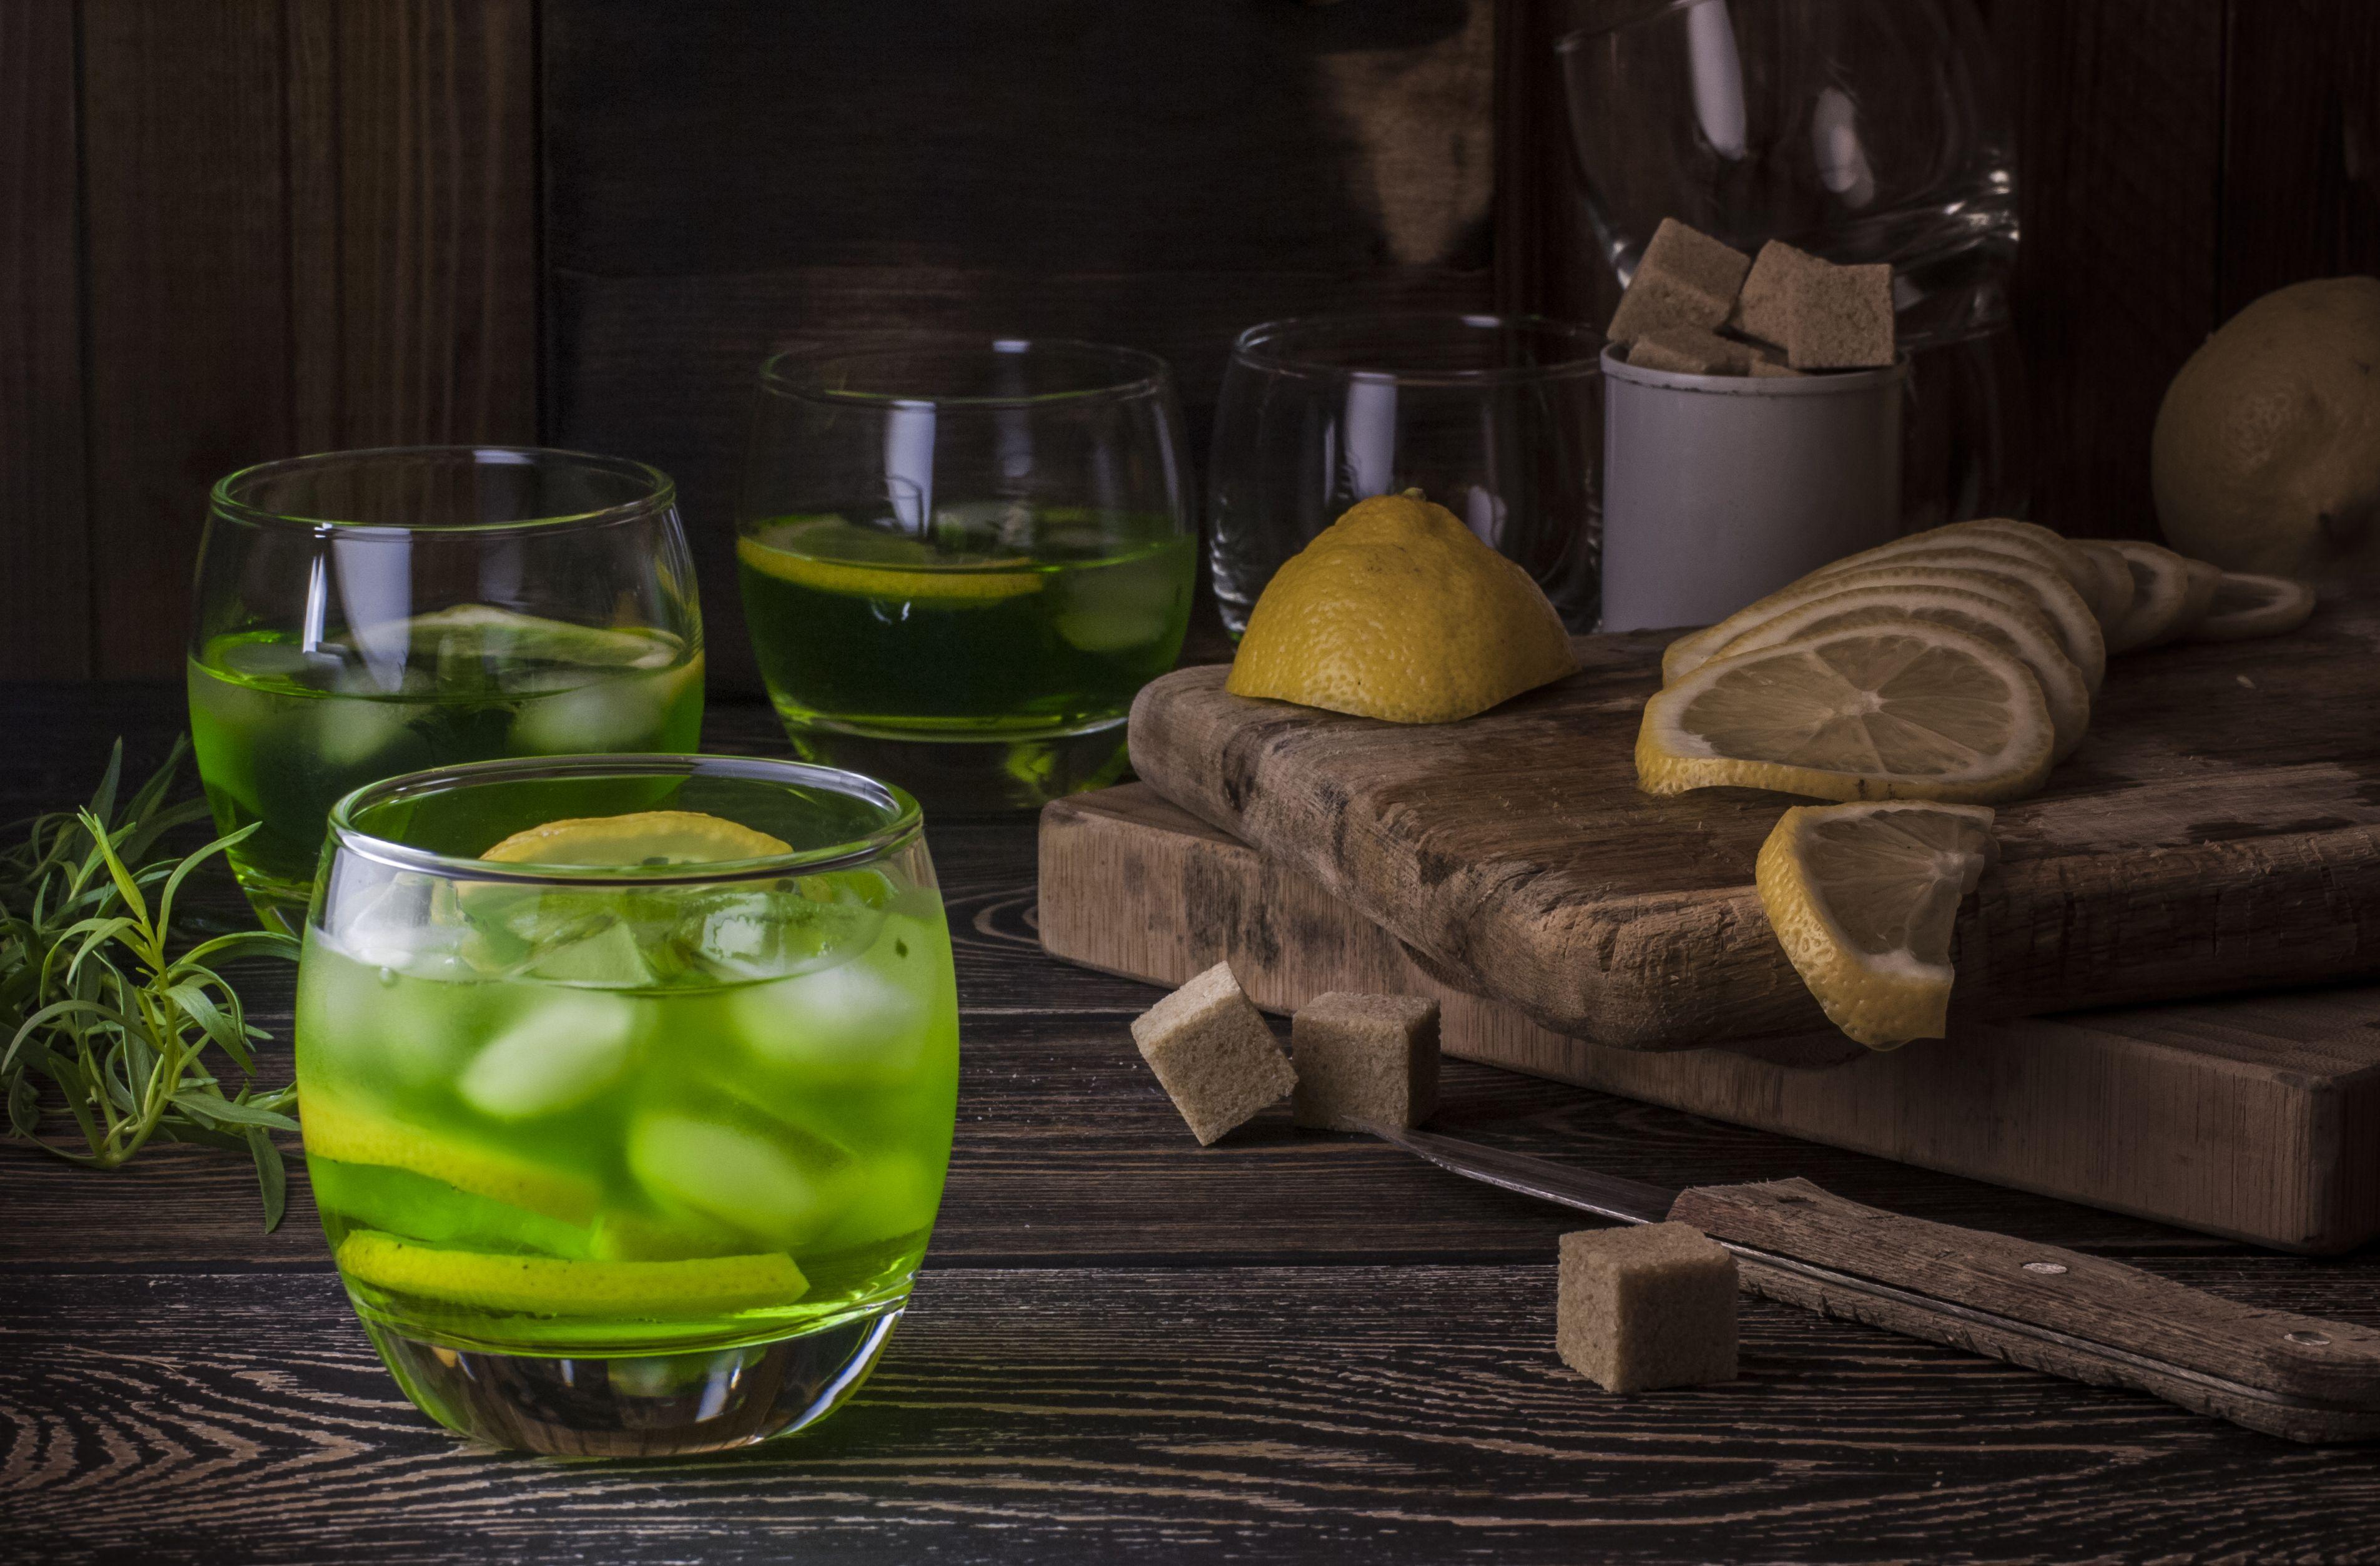 Вода и лимон: зной не страшен